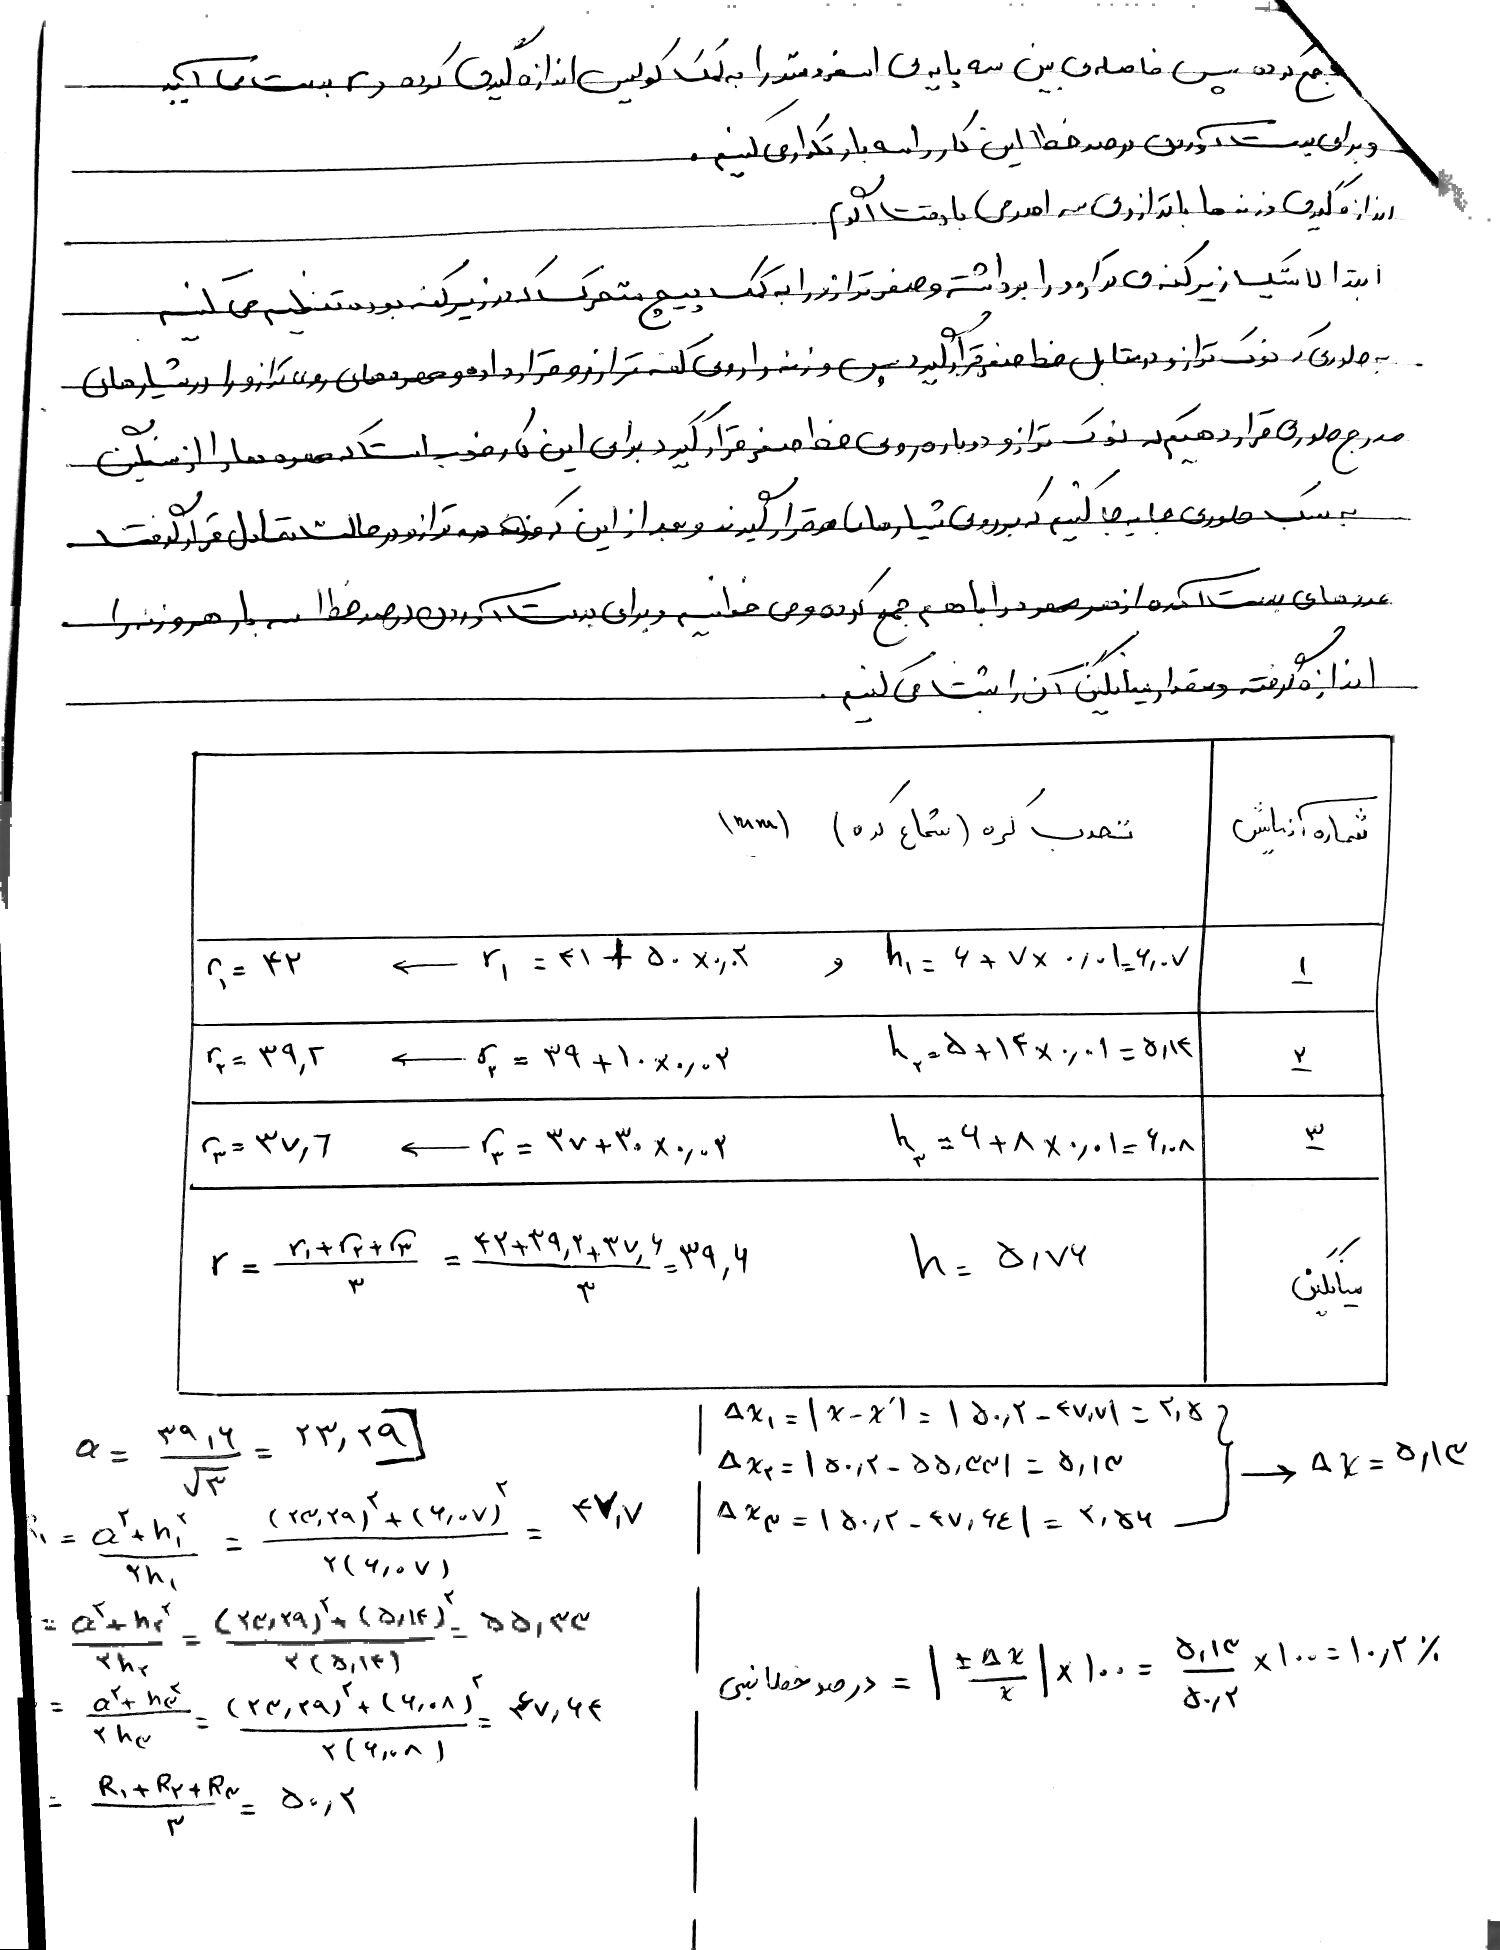 مجموعه گزارش کار های آزمایشگاه فیزیک 1